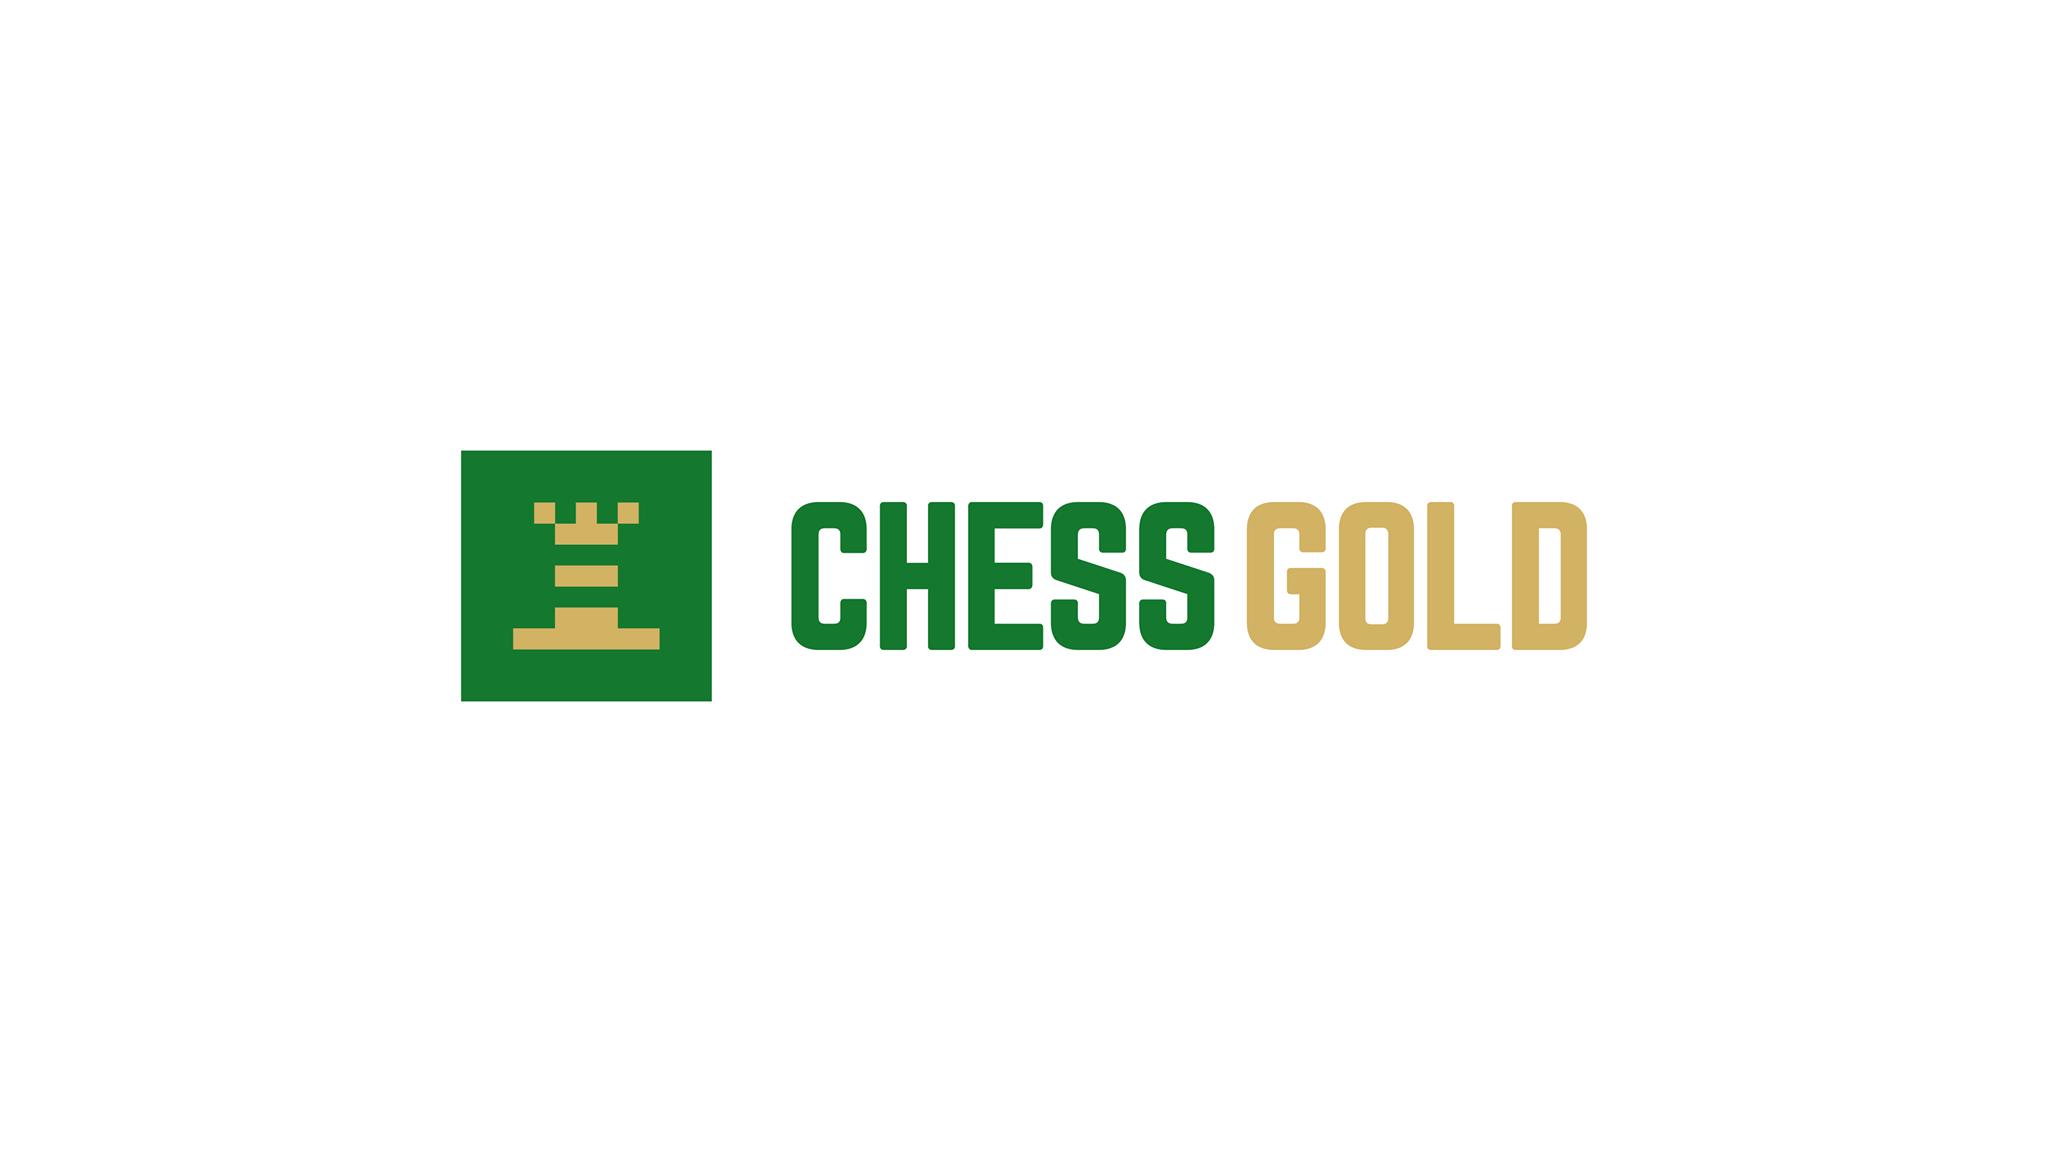 chessgoldwyrozniajacy